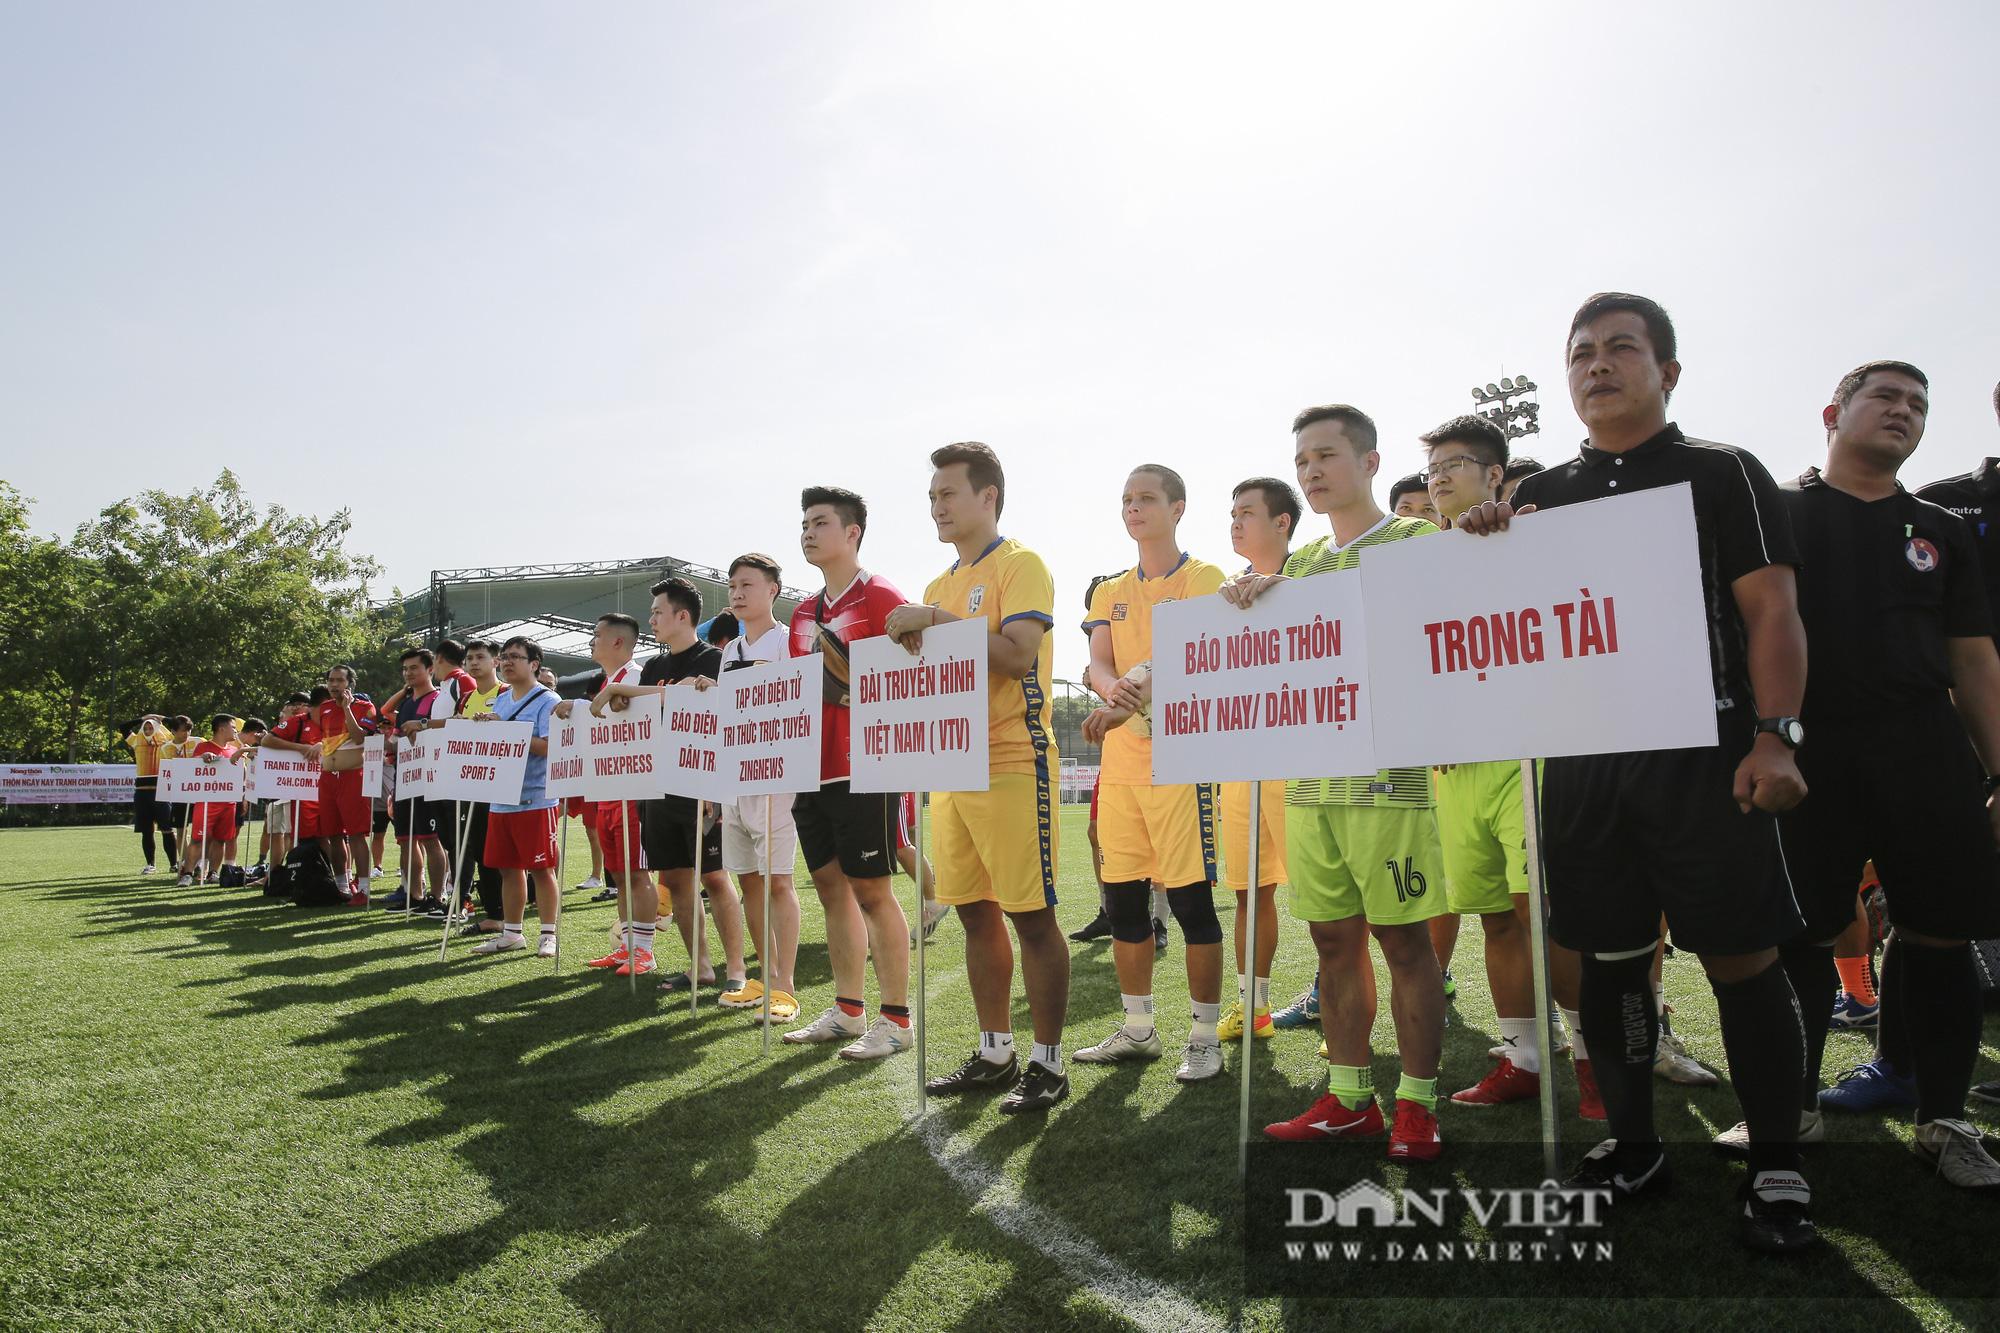 Giải bóng đá báo Nông thôn Ngày nay/Dân Việt lần thứ 12 chính thức khởi tranh - Ảnh 2.